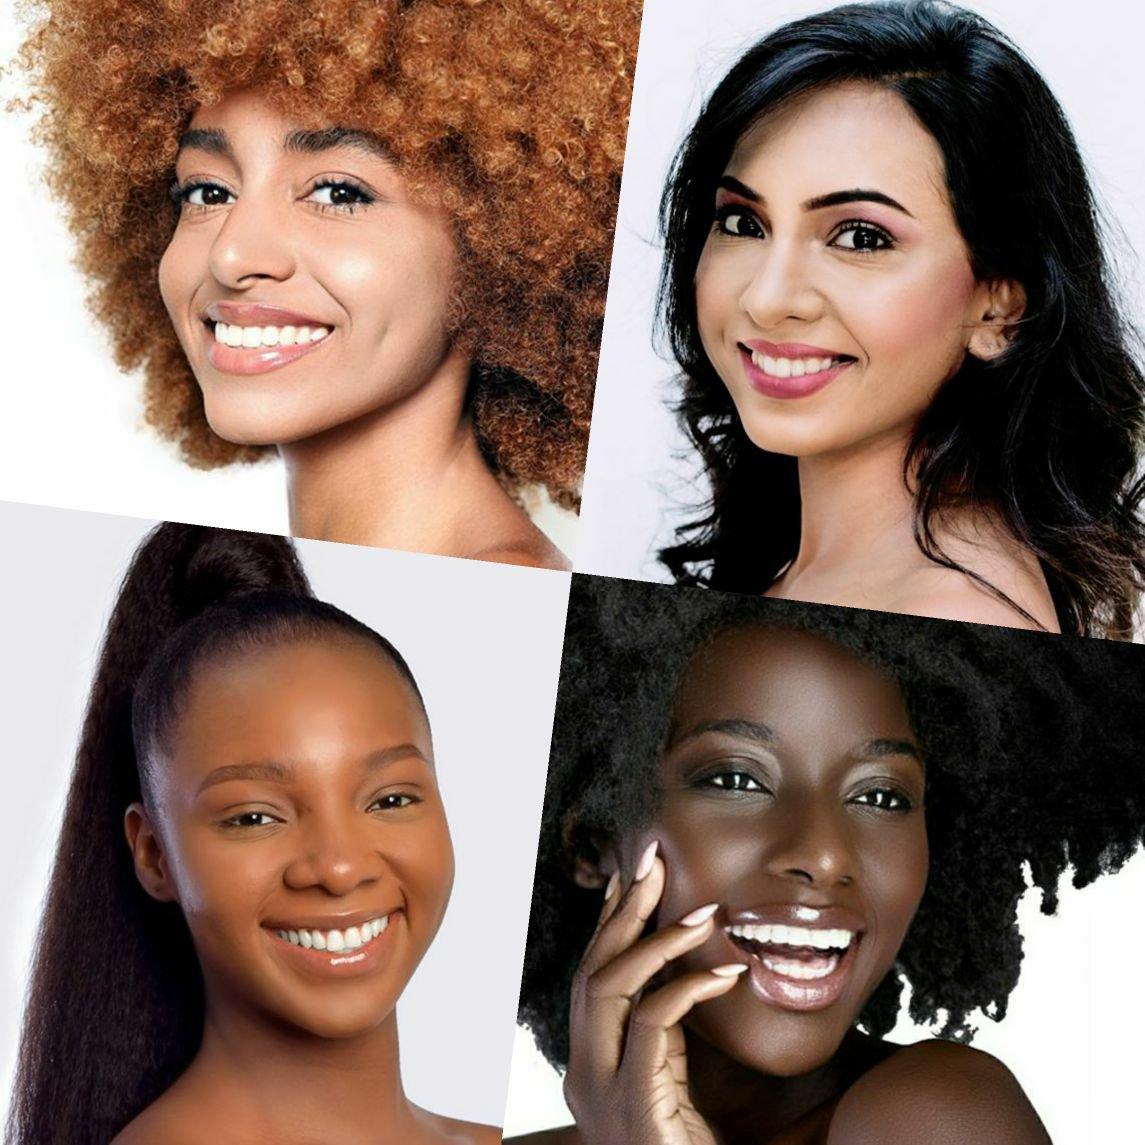 african beauty queen6362835760242443692.